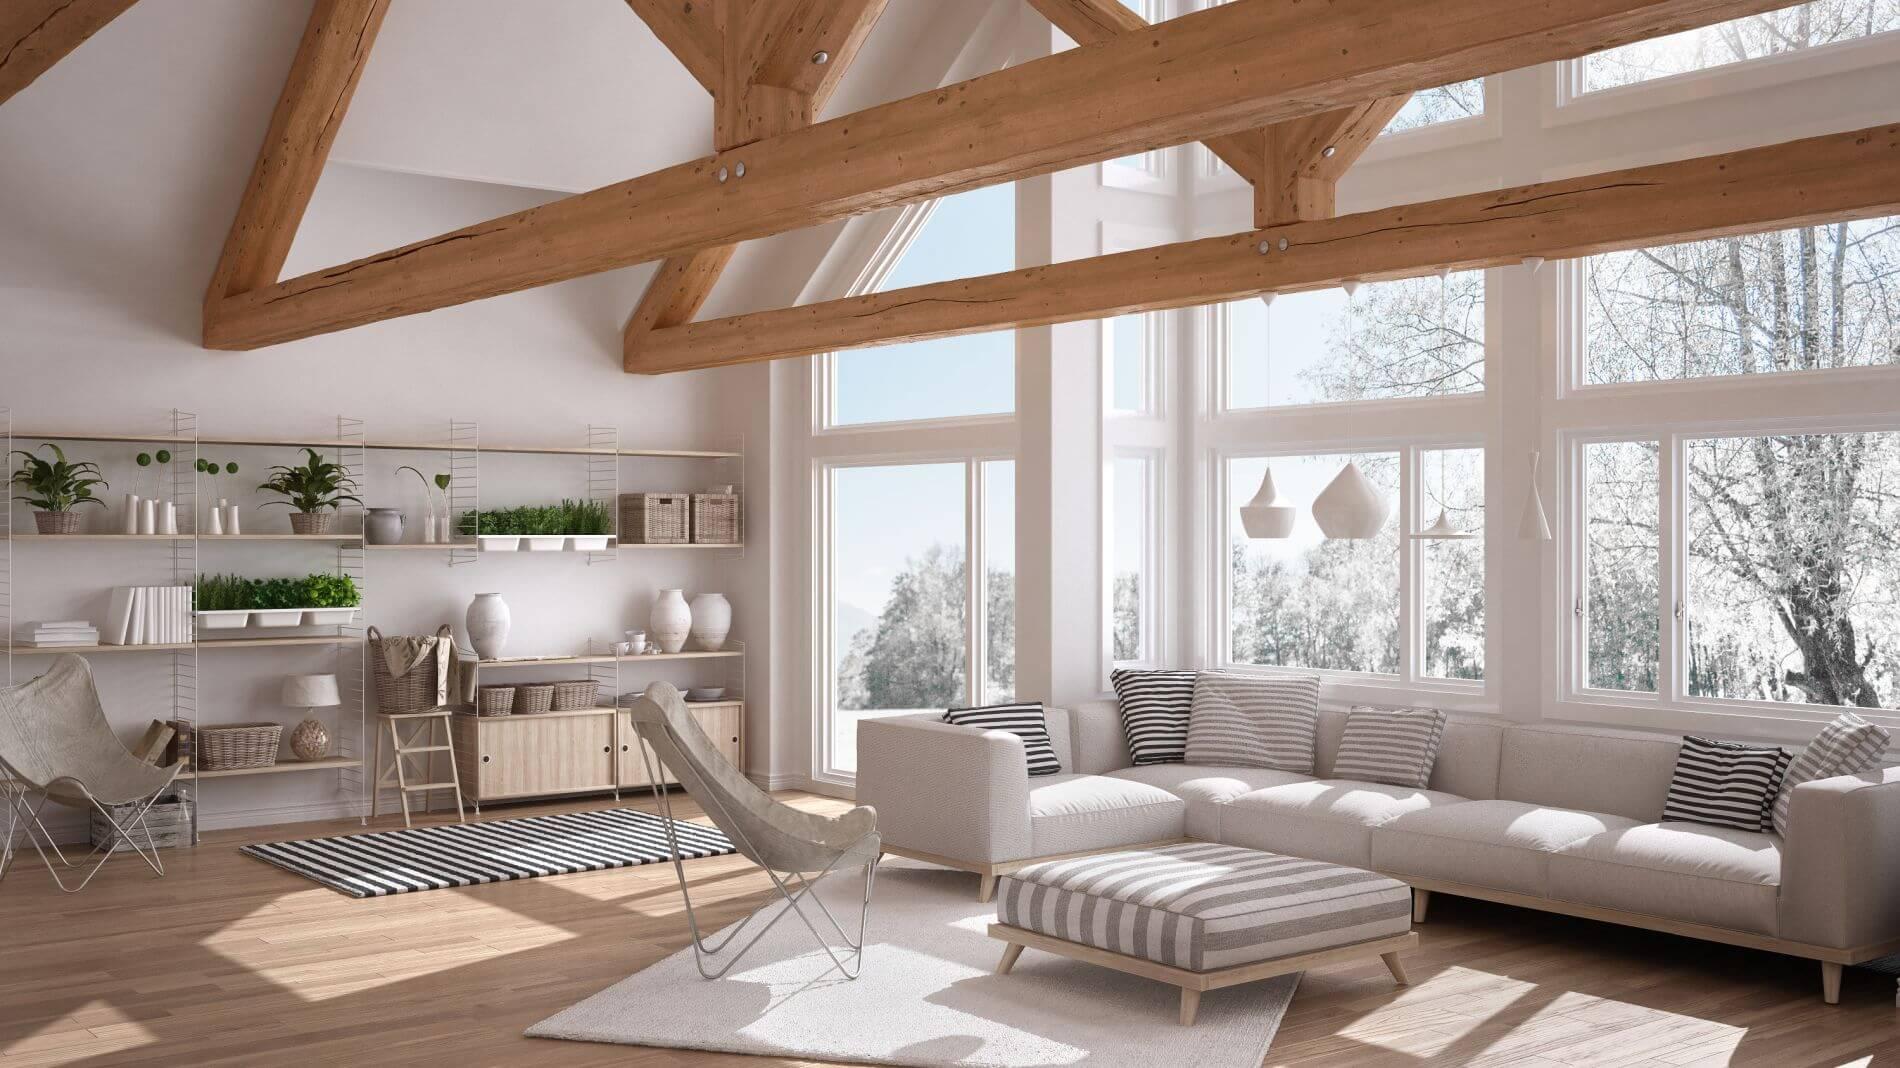 Finestre progettato per le case passive